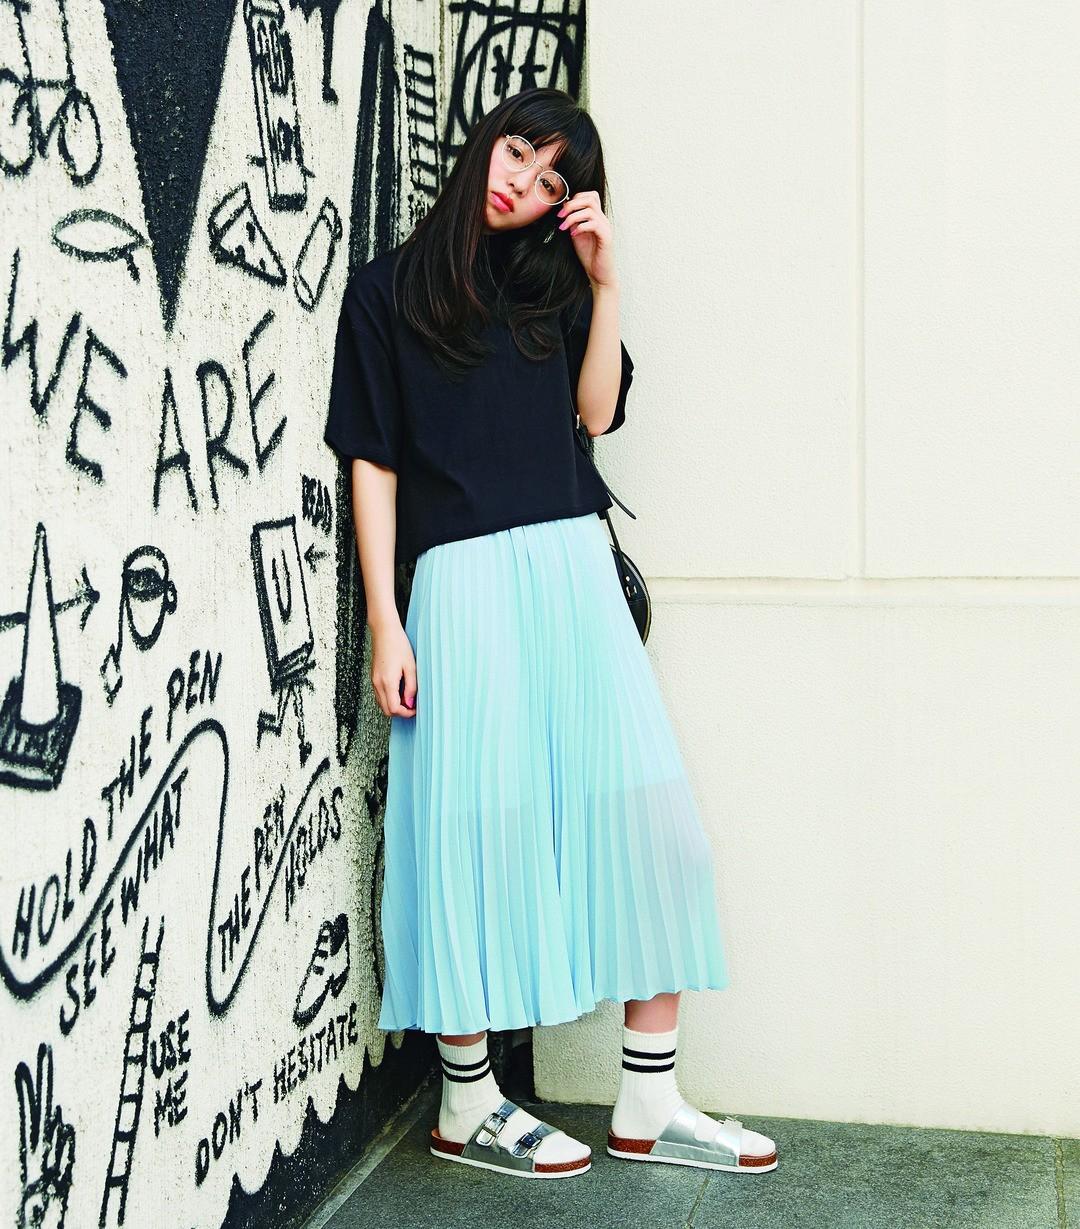 「オトナのこなれ感を意識してみたスタイルだよ! ゆるいスカートに、あえて少しゆるめのトップスを合わせたところがお気に入り♡」(横田真悠)